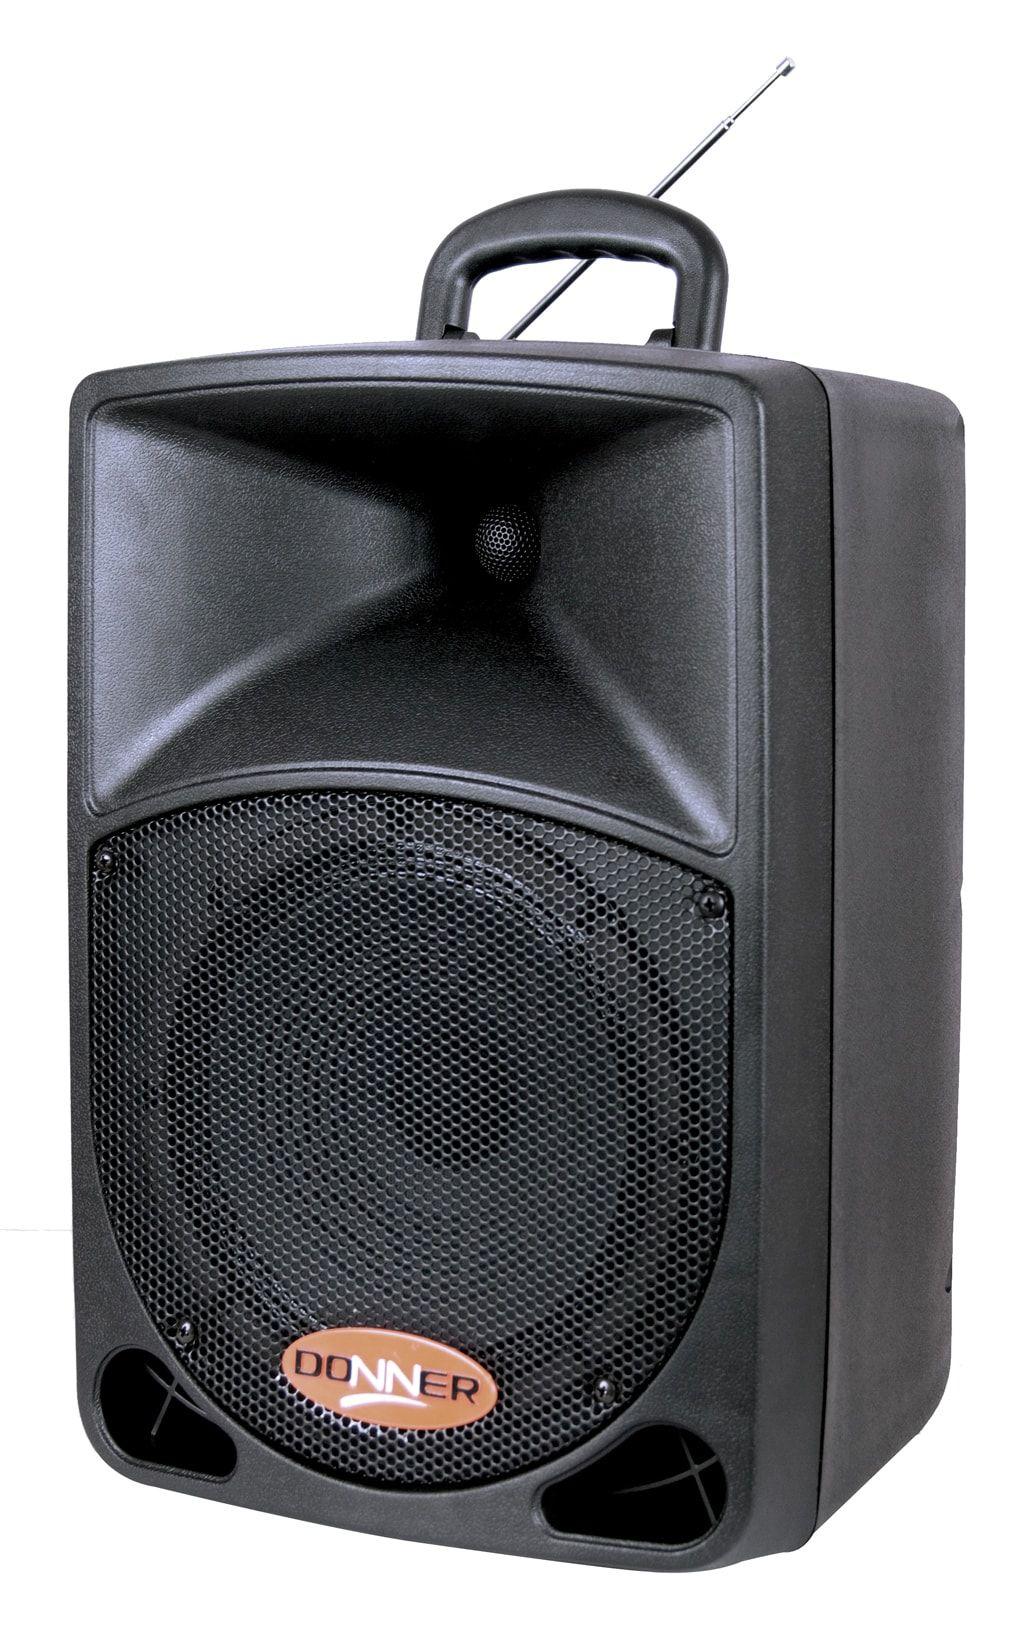 """Caixa Acústica Ativa 8"""" Donner DR08BAT 80W USB com Bateria e Microfone sem fio"""